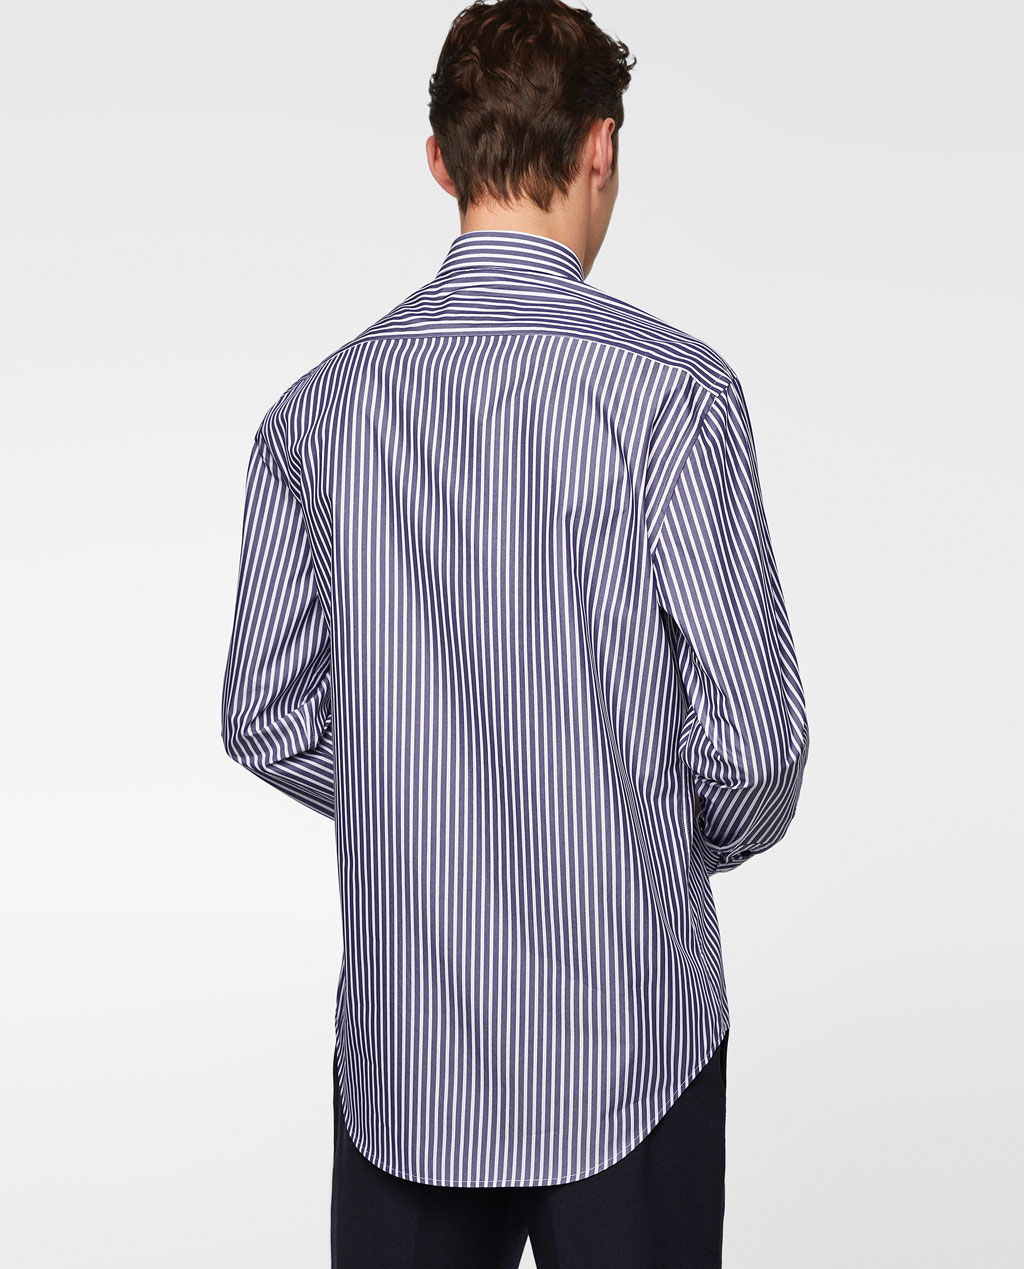 Thời trang nam Zara  23880 - ảnh 6